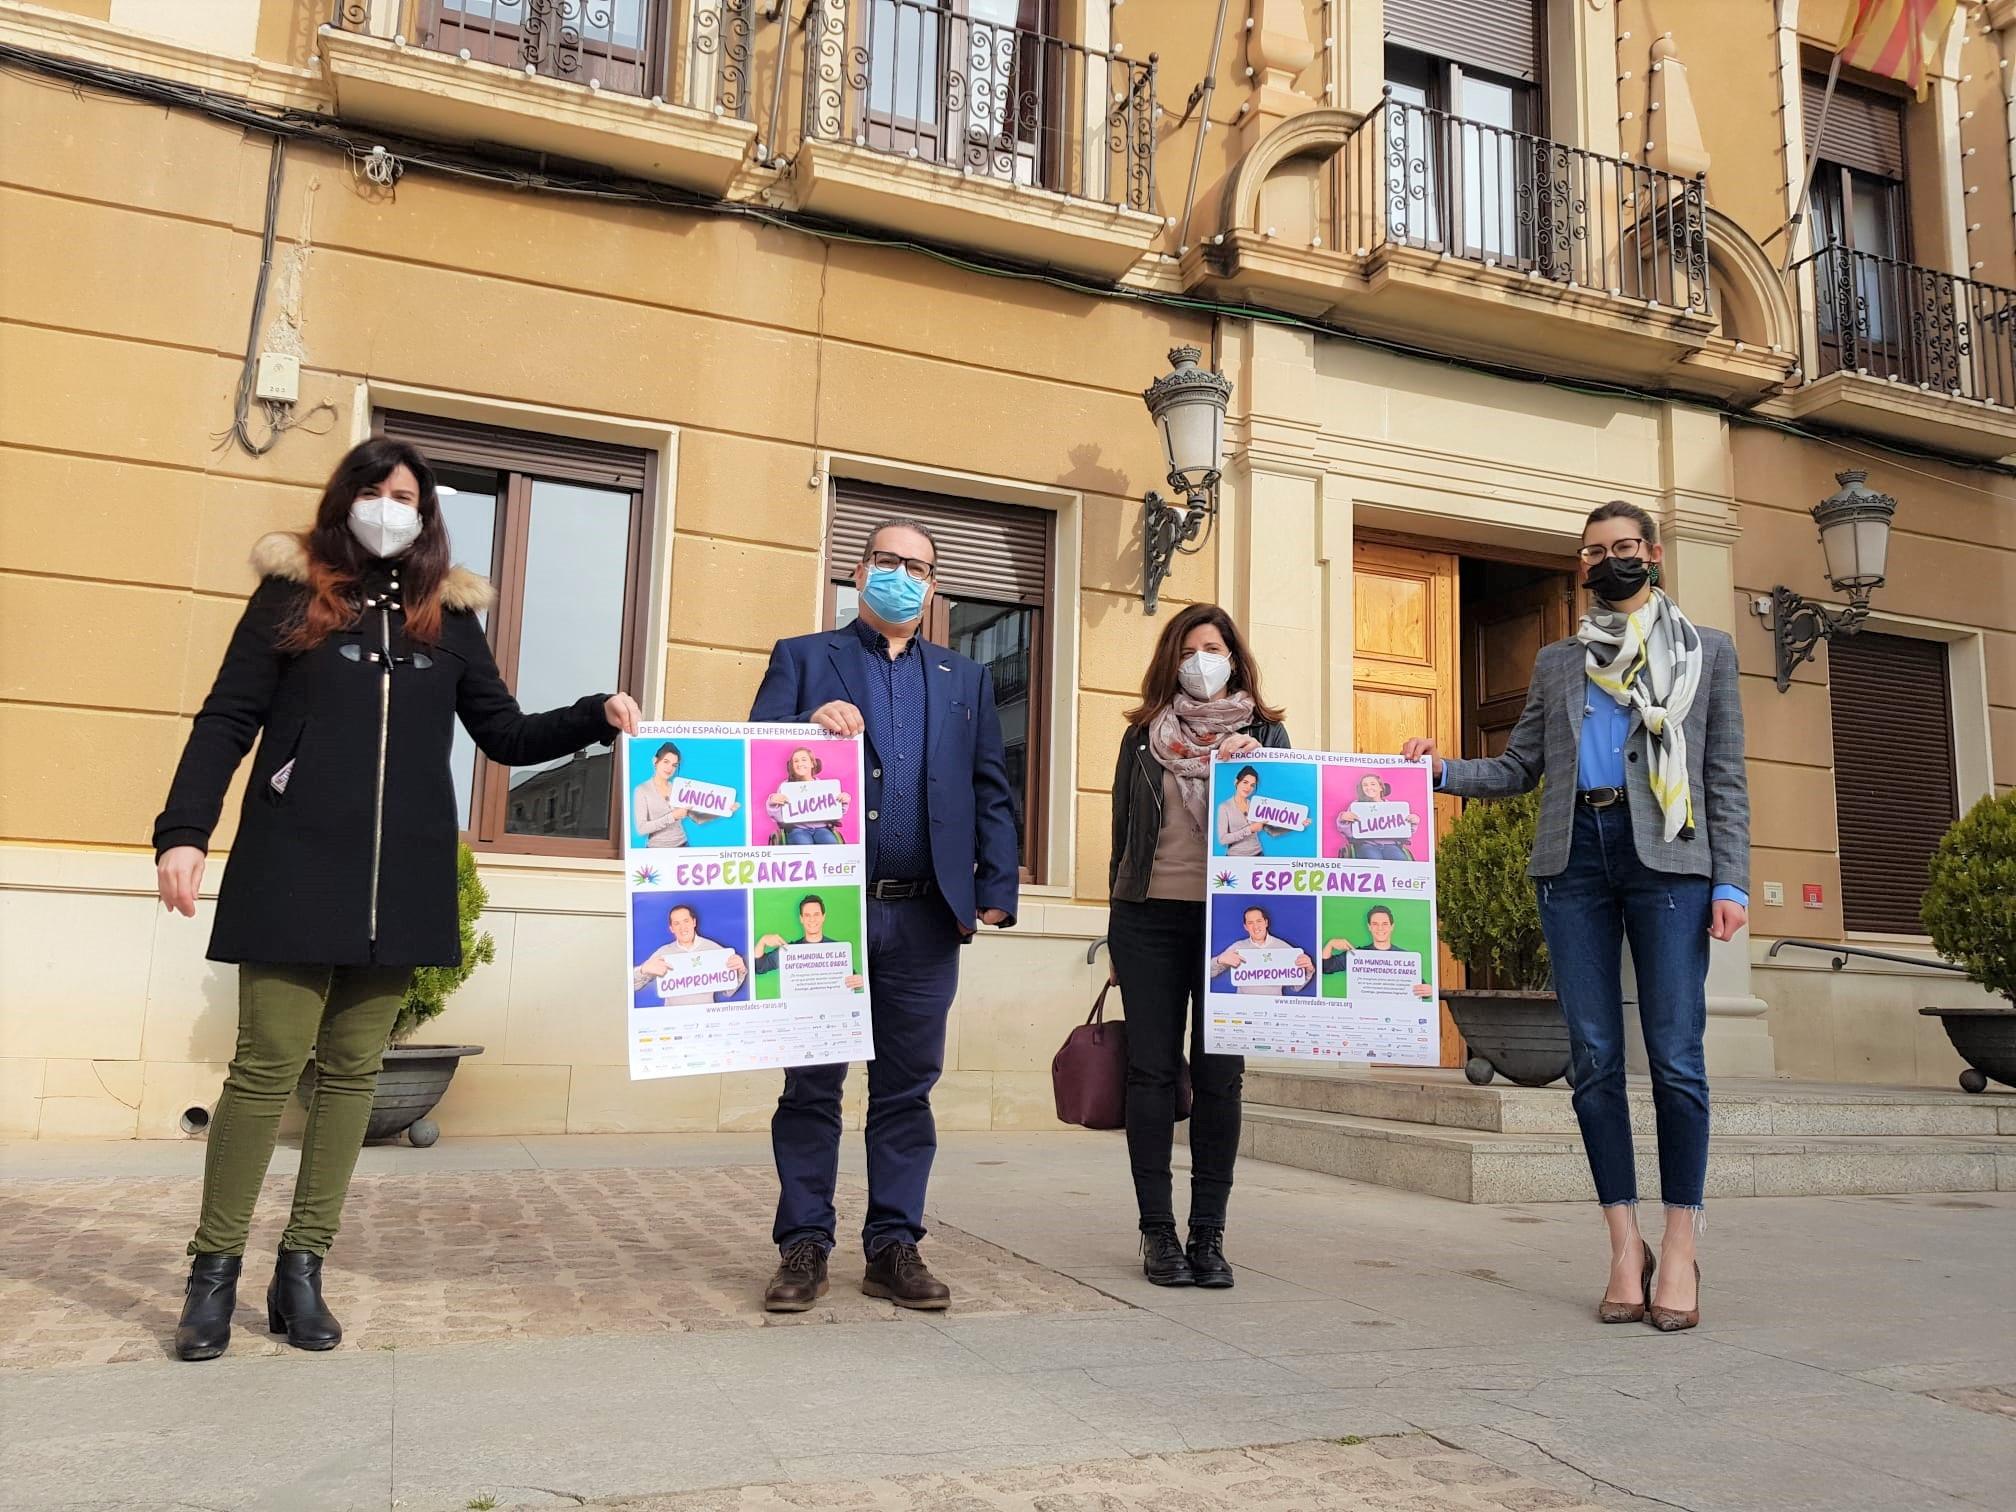 Elda se suma a los actos del Día Mundial de las Enfermedades Raras iluminando de color morado la fachada del Ayuntamiento